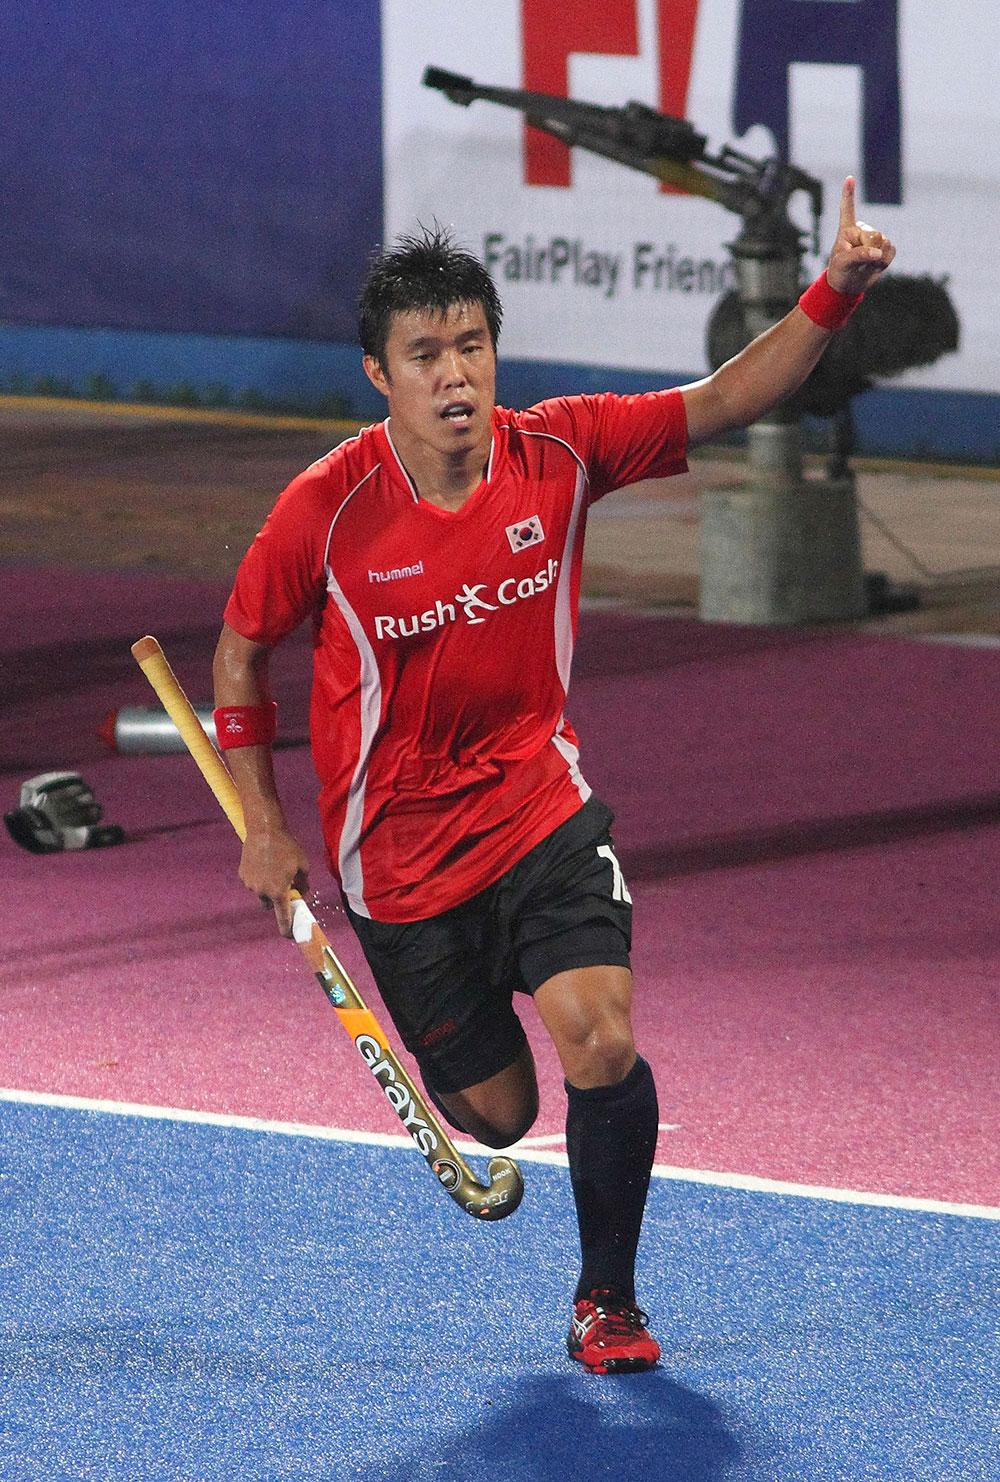 मलेशिया के इपोह में साउथ कोरिया ने एशिया कप हॉकी के फाइनल मुकाबले में भारत को 4-3 से हराया।